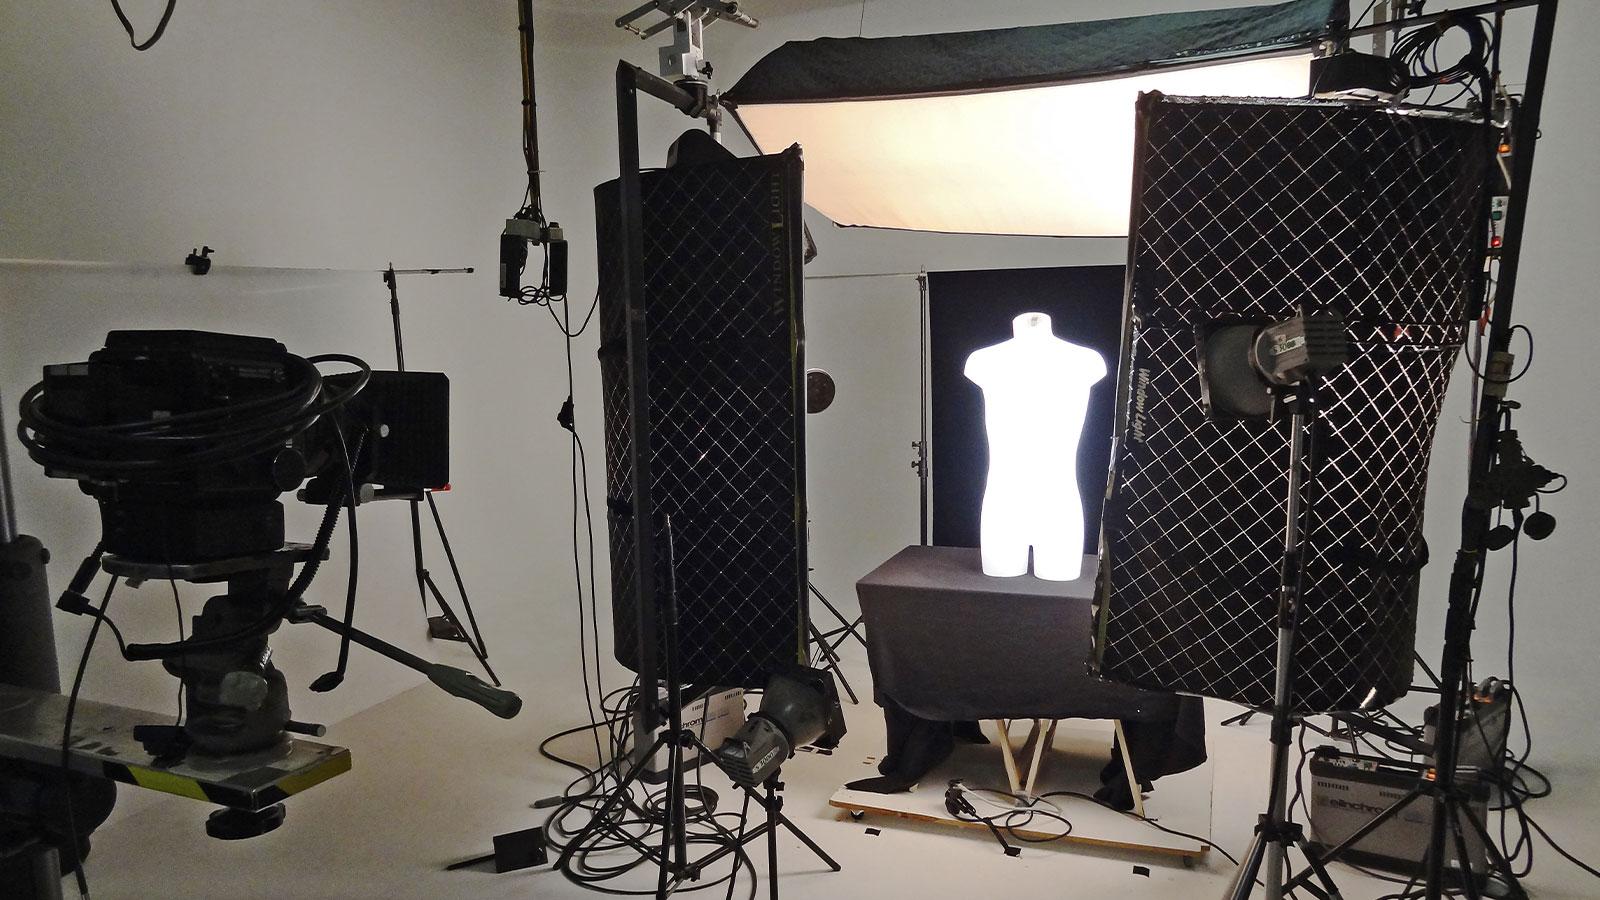 Lichtkörper im Fotostudio